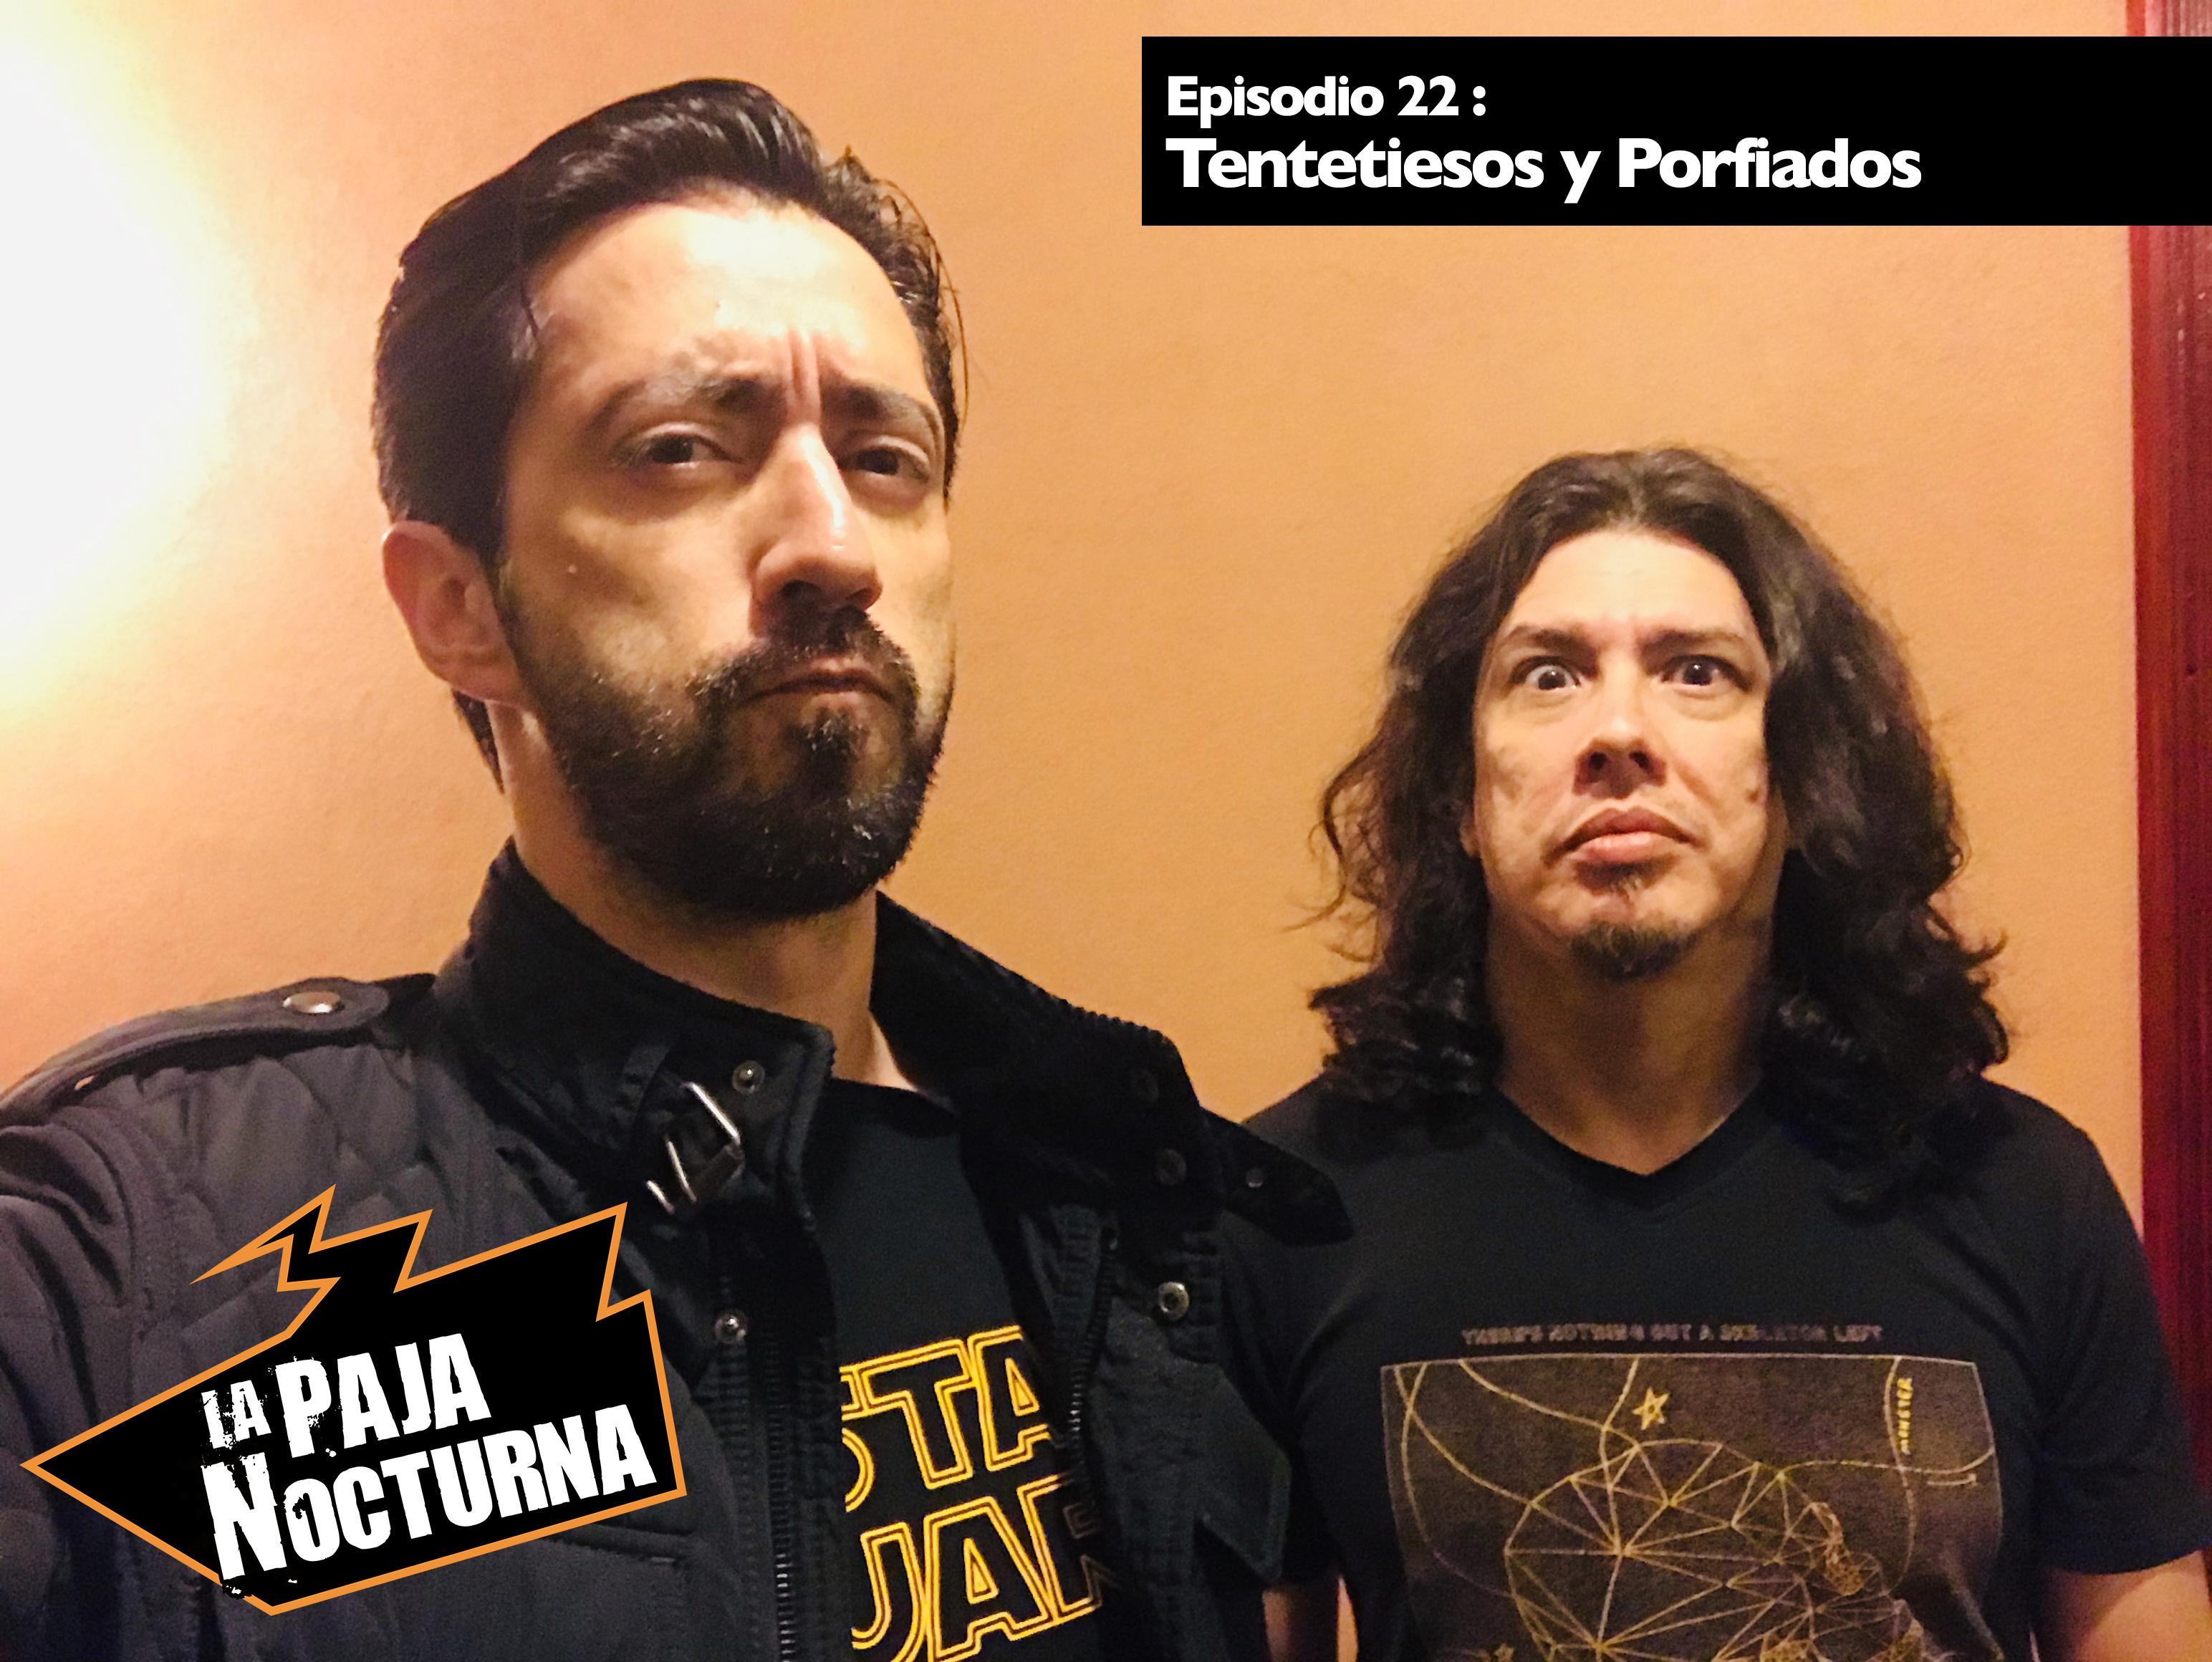 La Paja Nocturna Podcast Episodio 22